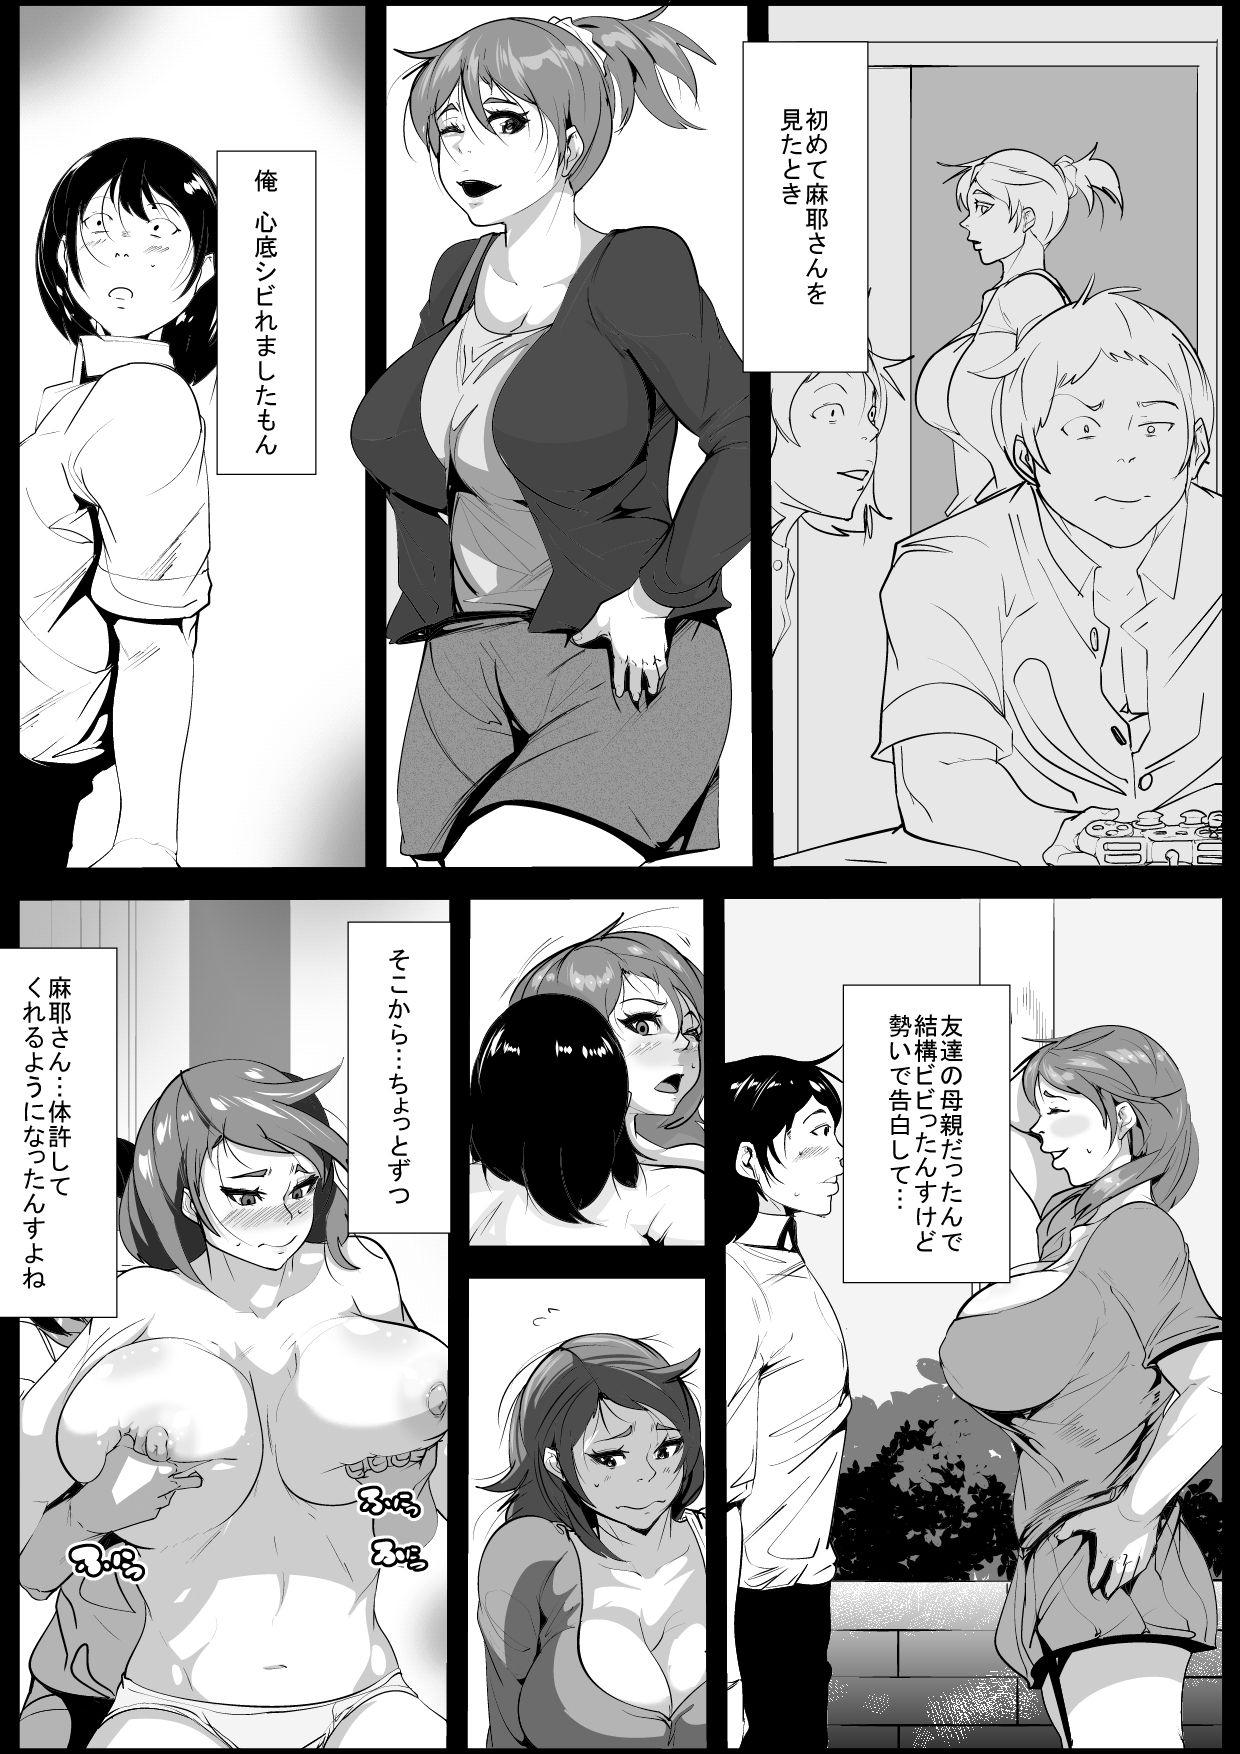 Hahaoya no Yousu ga Okashii to Omottara Tomodachi ni Netorareteta 17